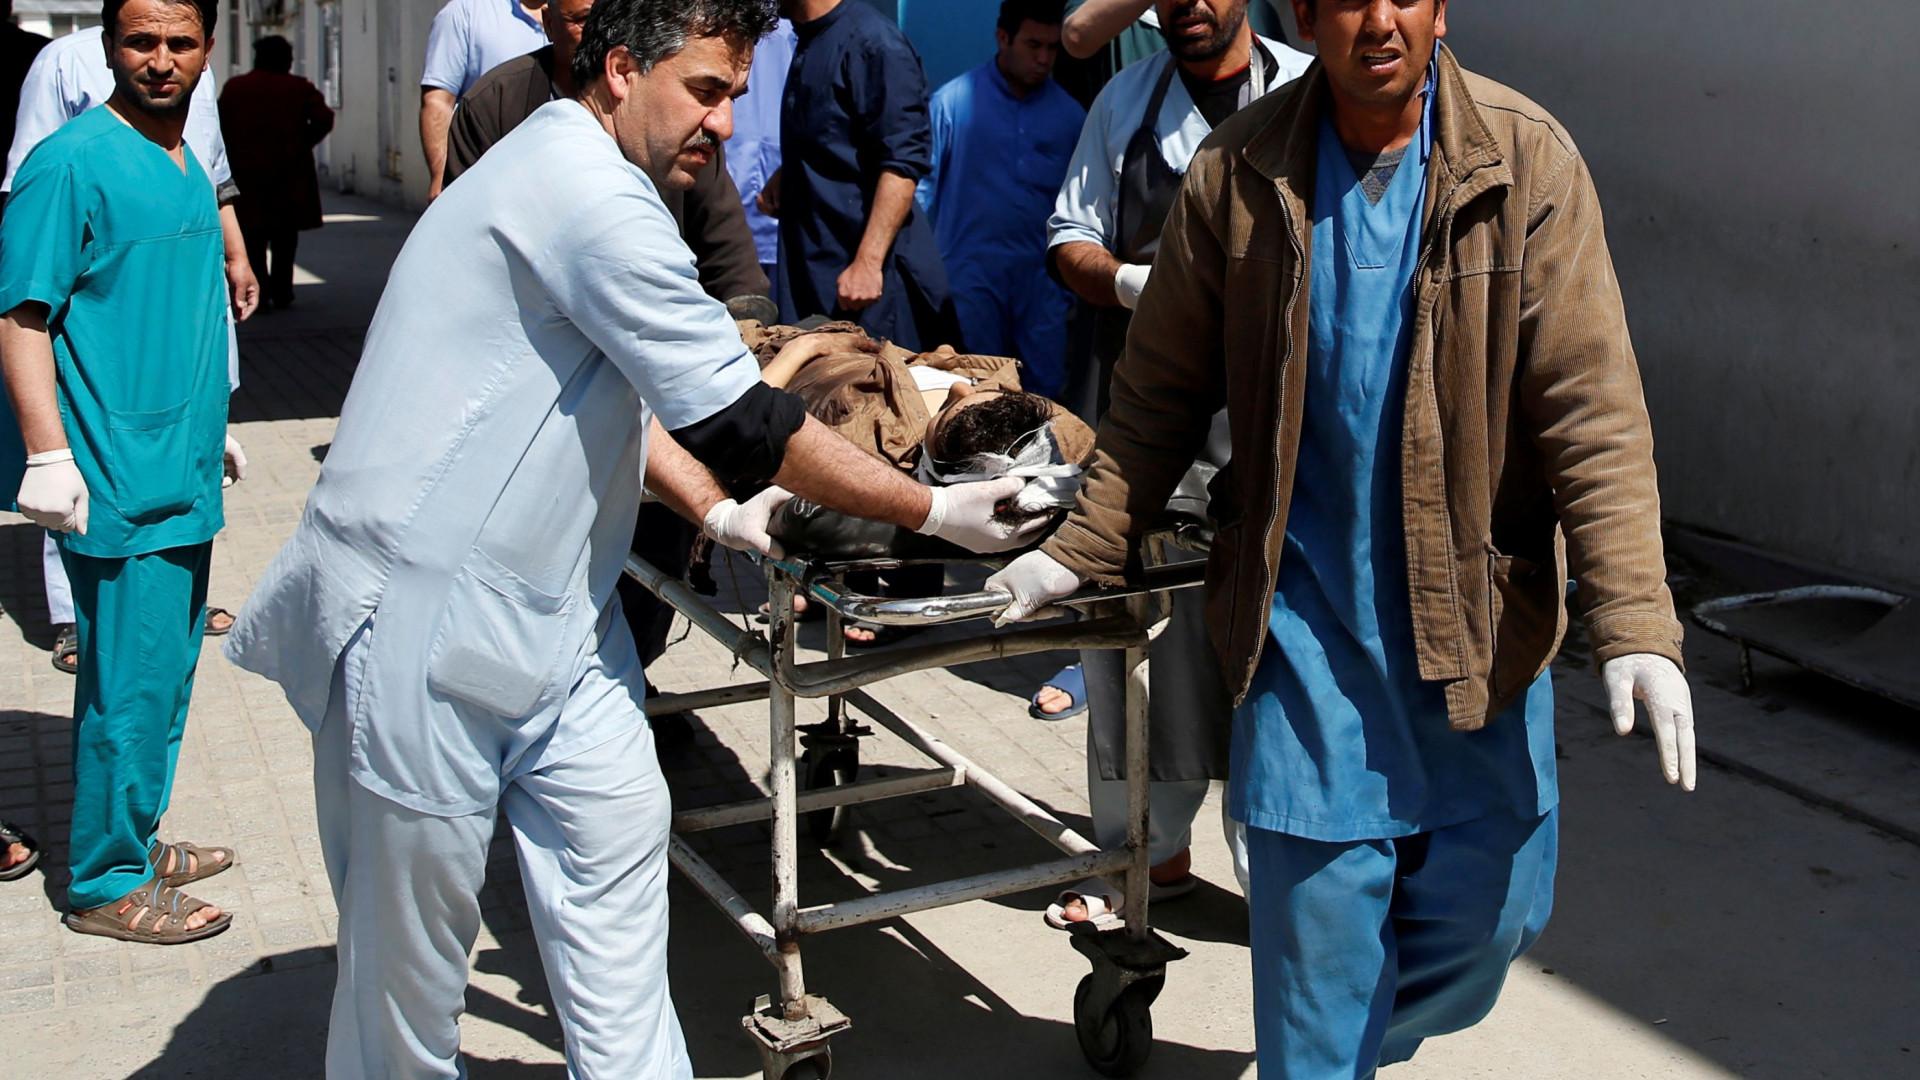 Estado Islâmico reivindica atentado na capital do Afeganistão